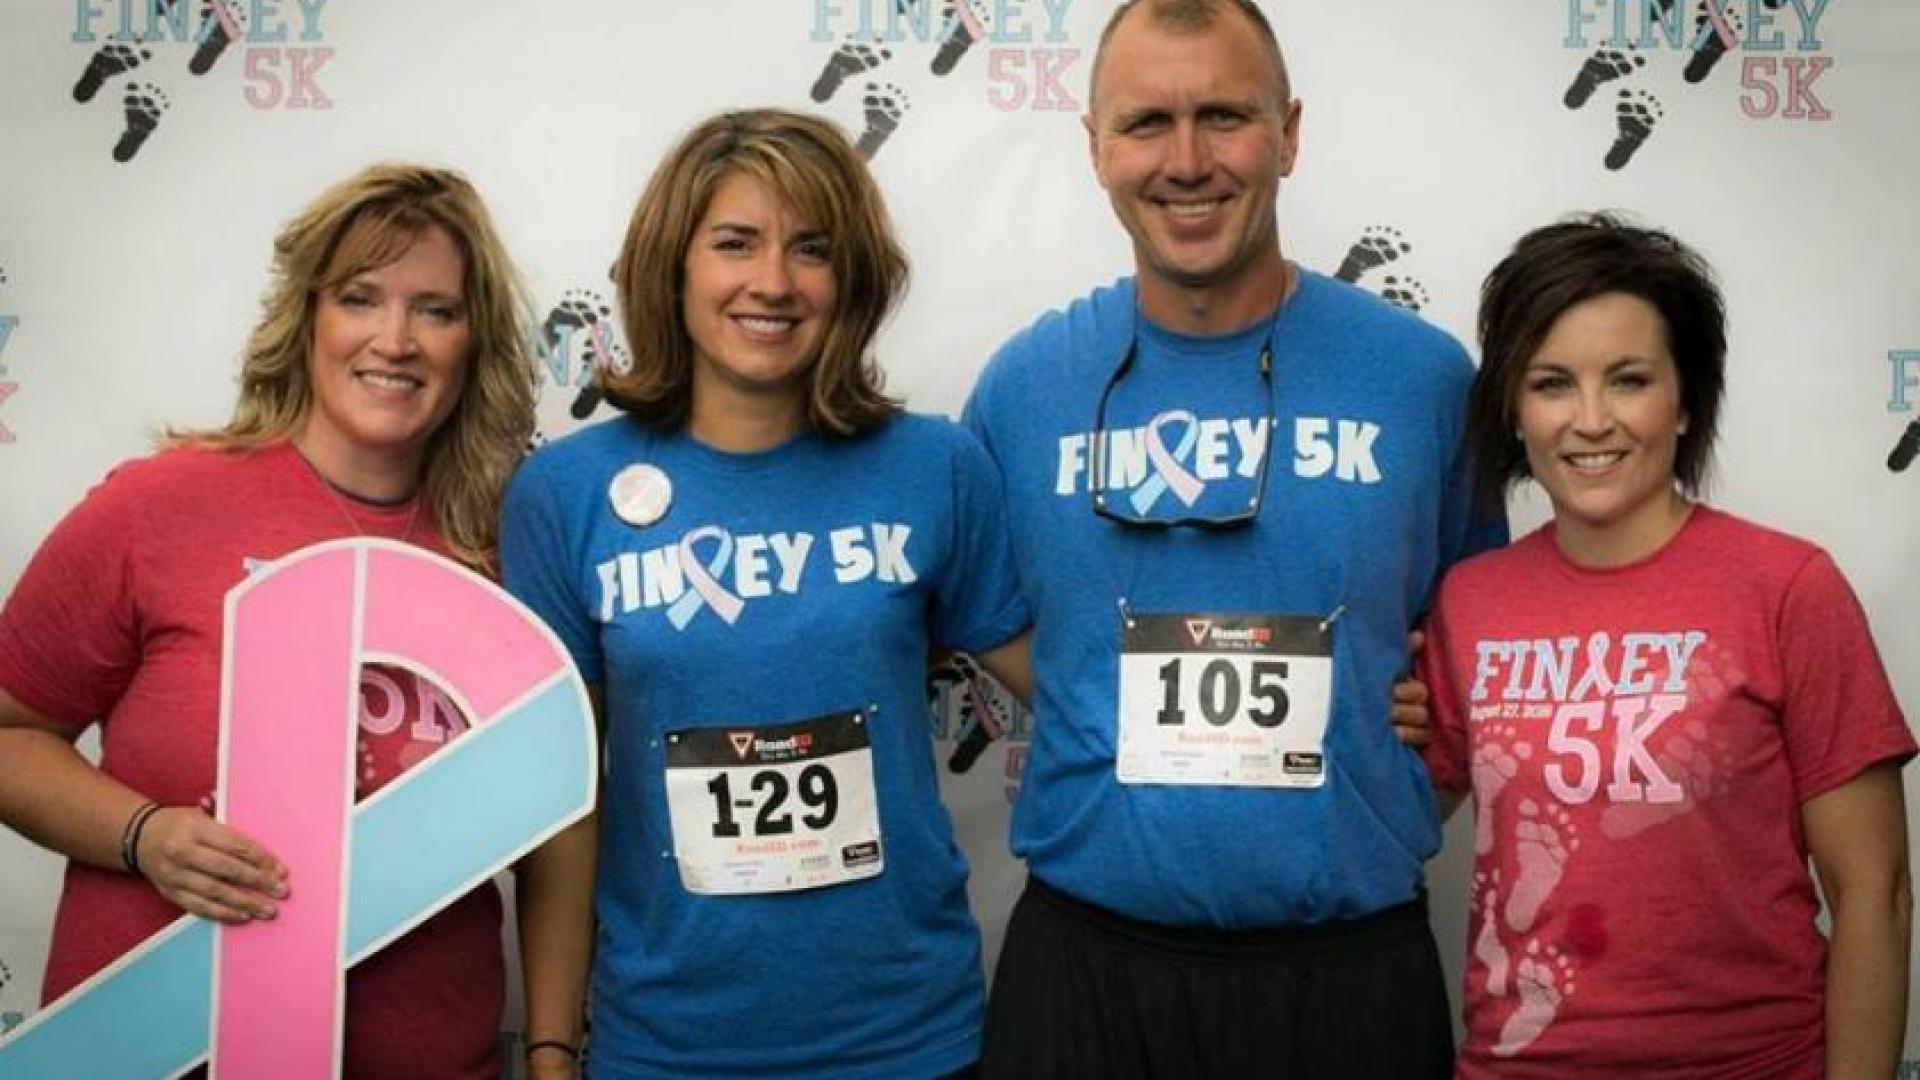 Finley 5k Runners